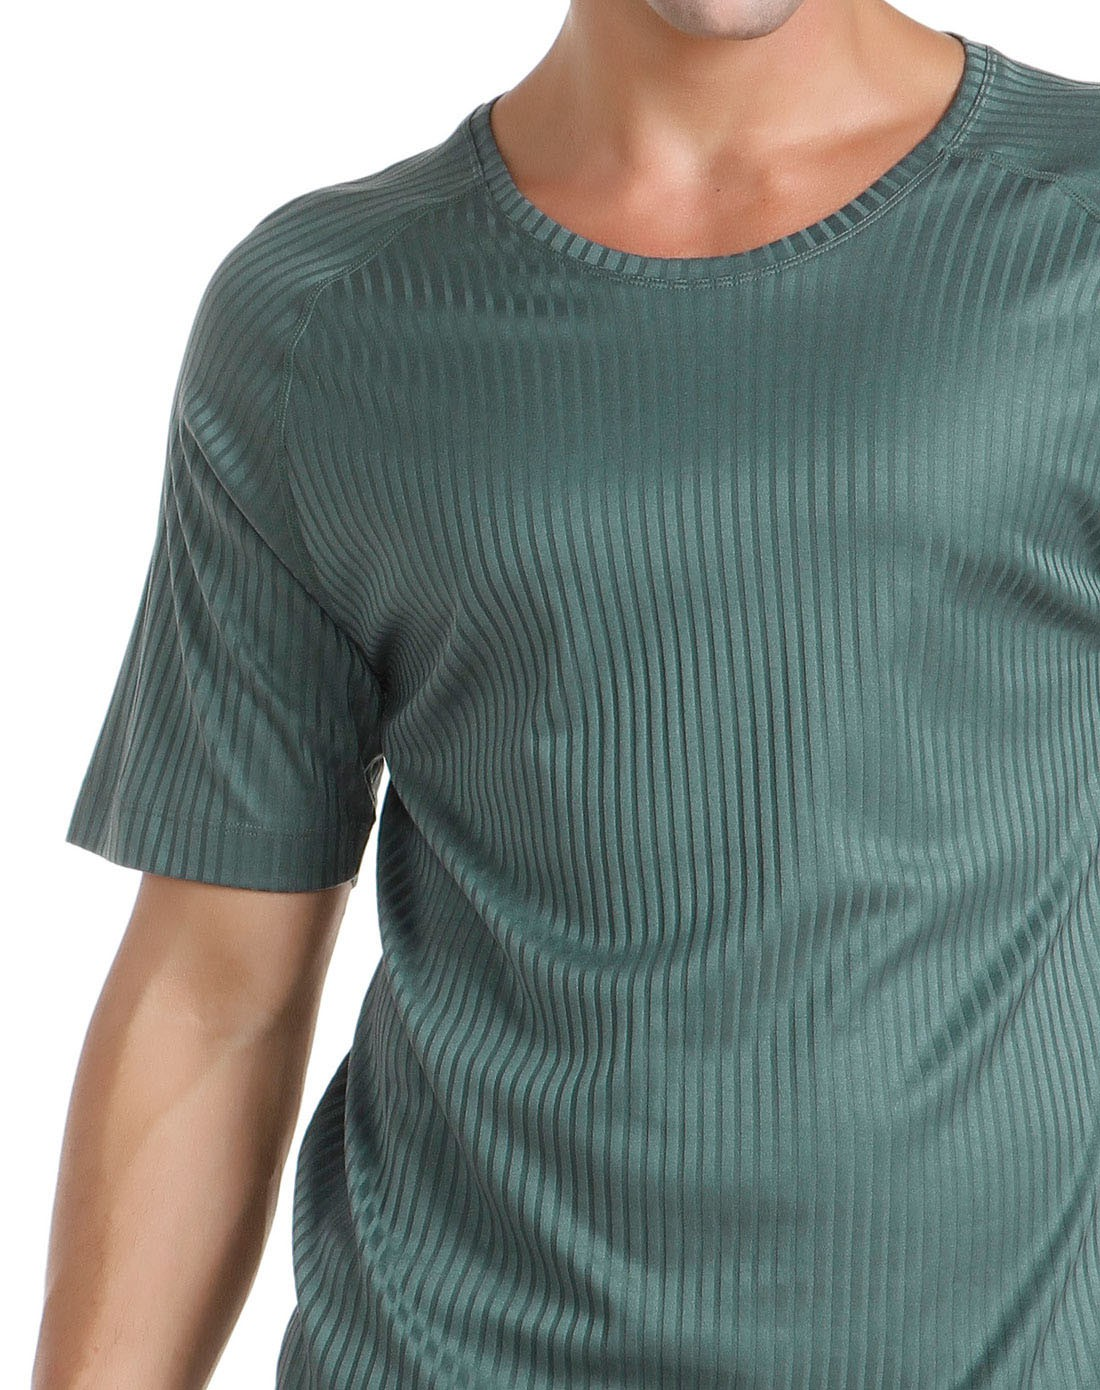 aimer men 墨绿色条纹圆领短袖t恤